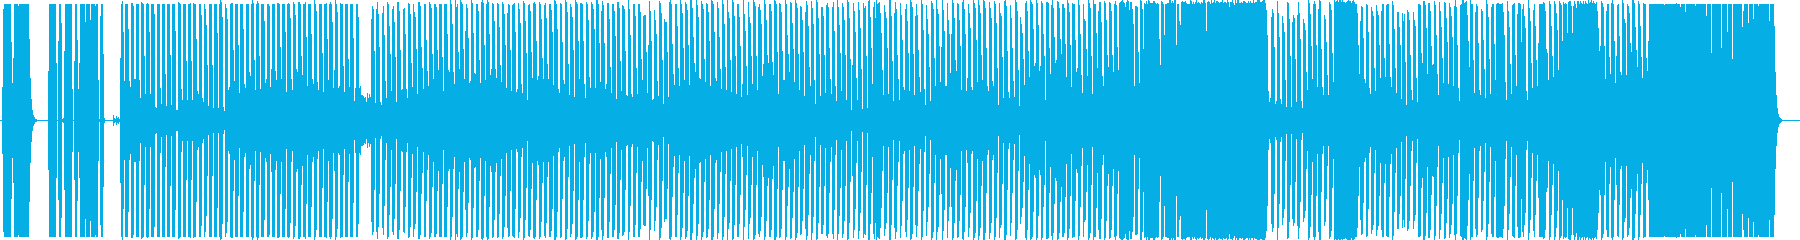 不気味なハウス・テクノ風の再生済みの波形